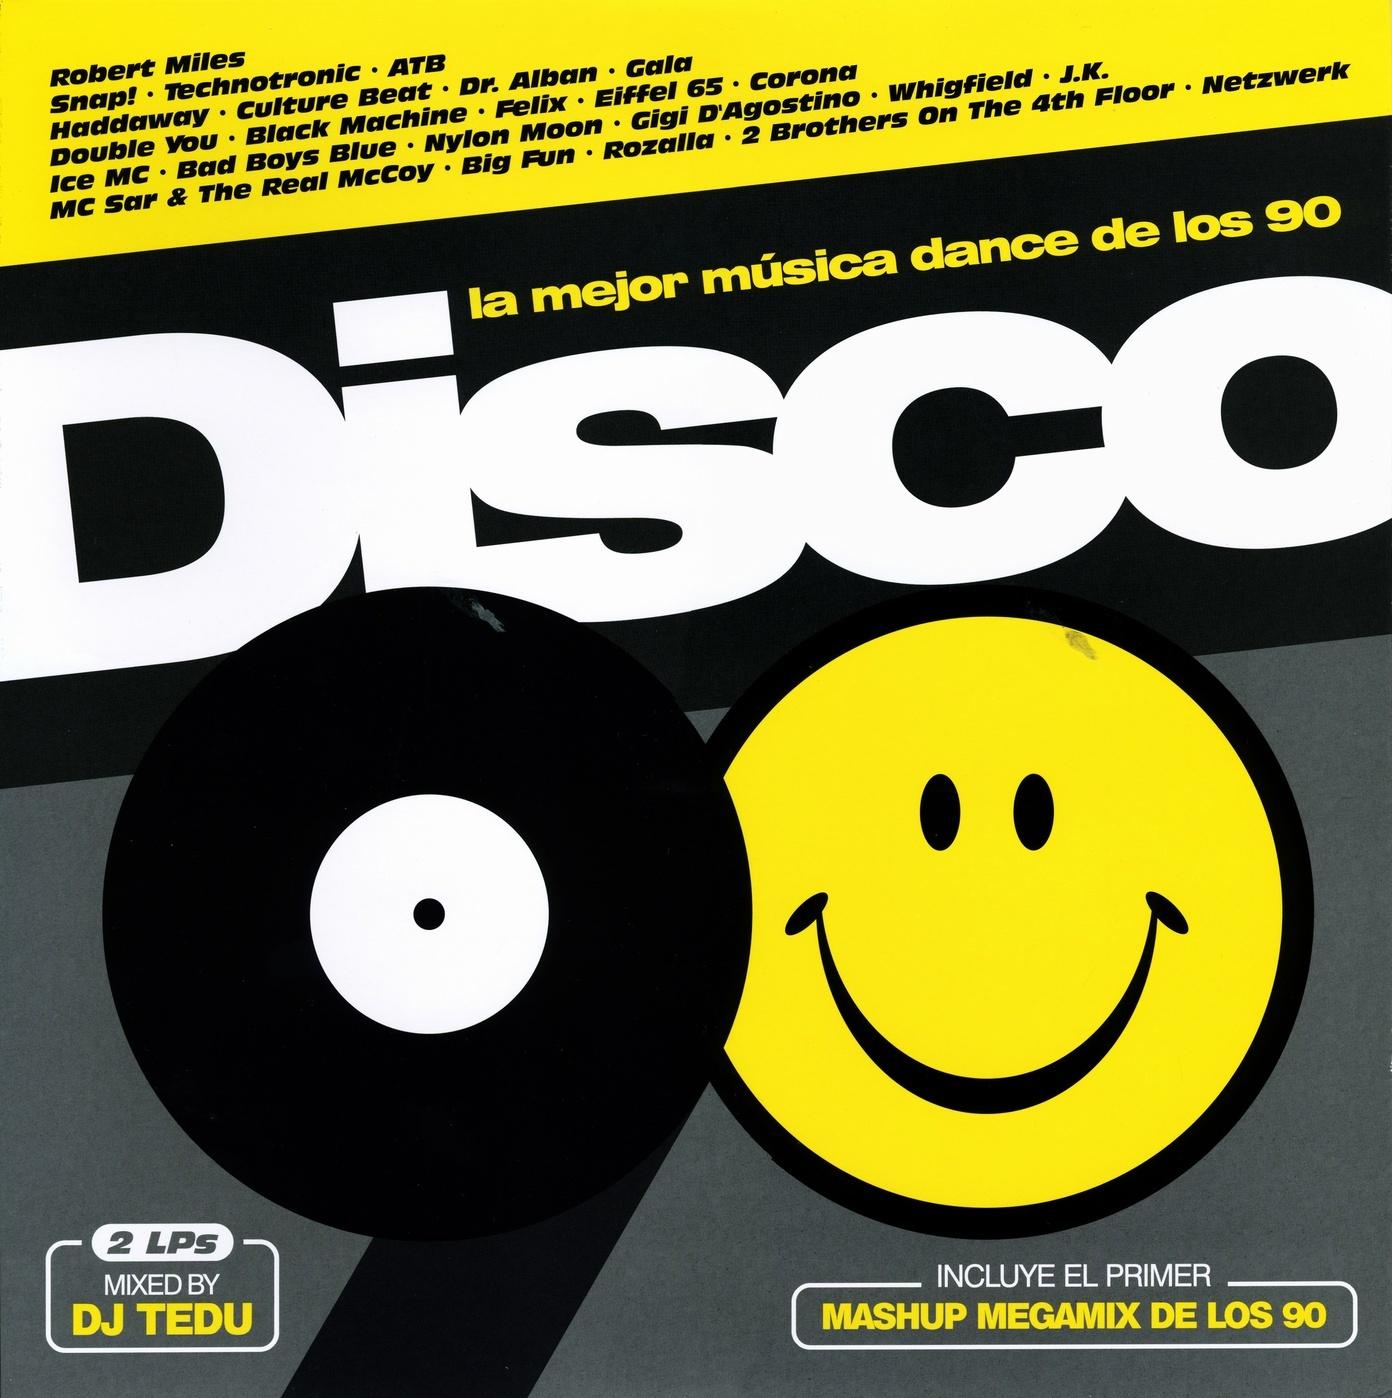 La Mejor Musica Dance De Los 90 Disco 90 2 215 Vinyl Lp